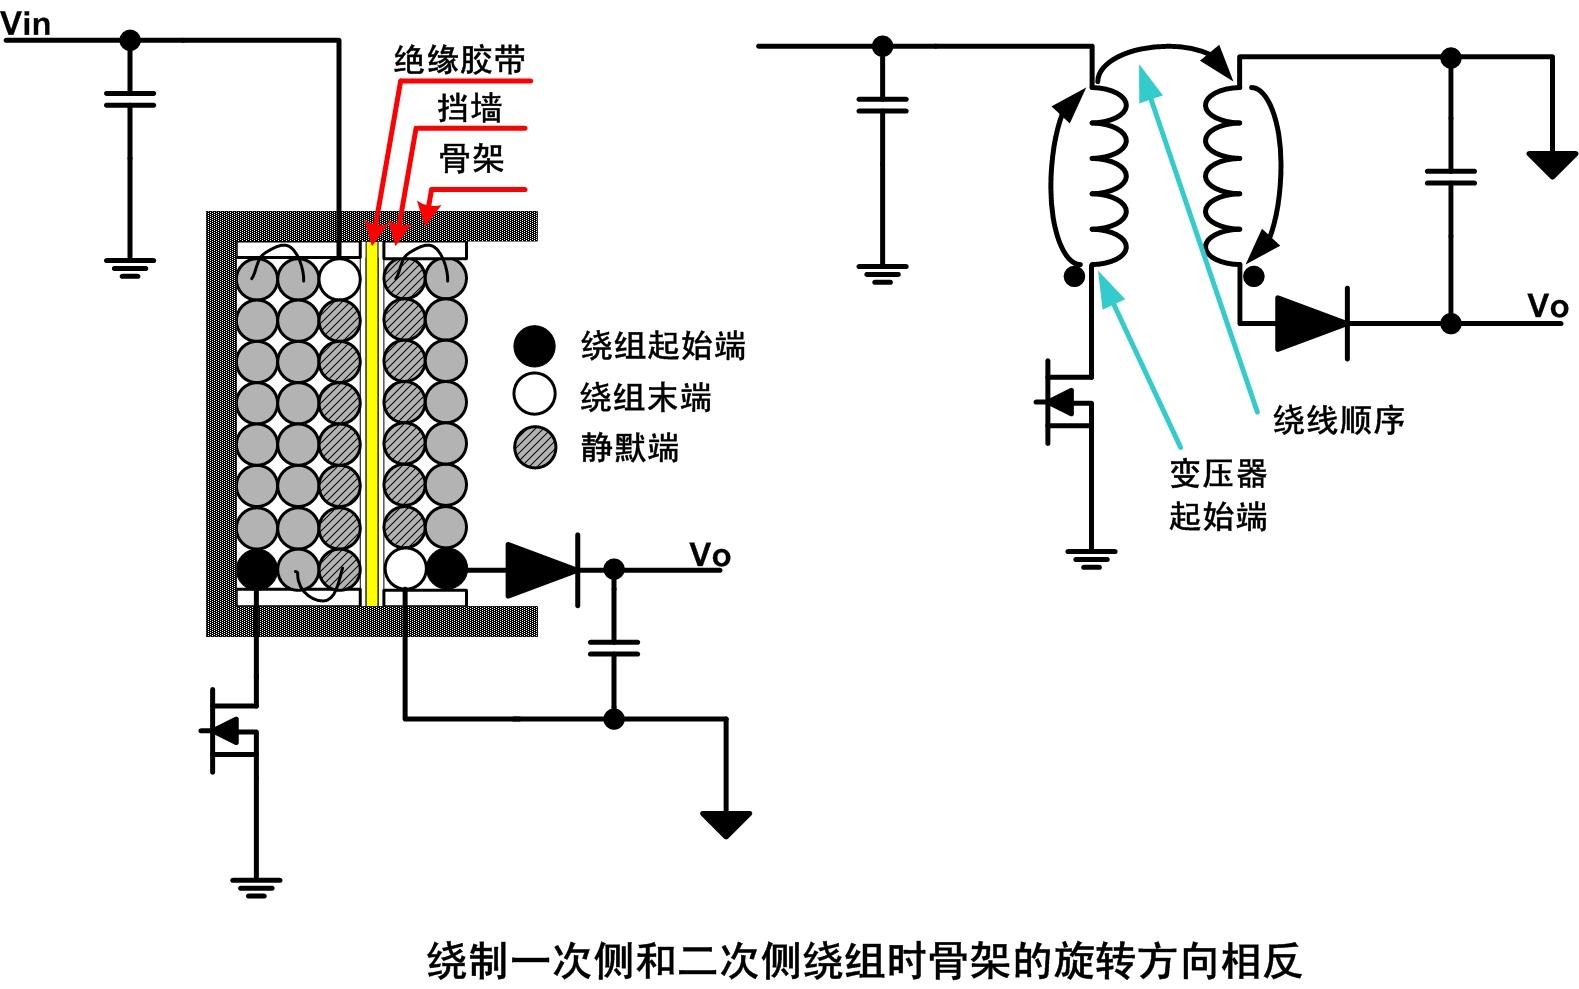 """此变压器的优点是二次侧绕组的""""静默端""""位于最外层,它本身就能很好的"""